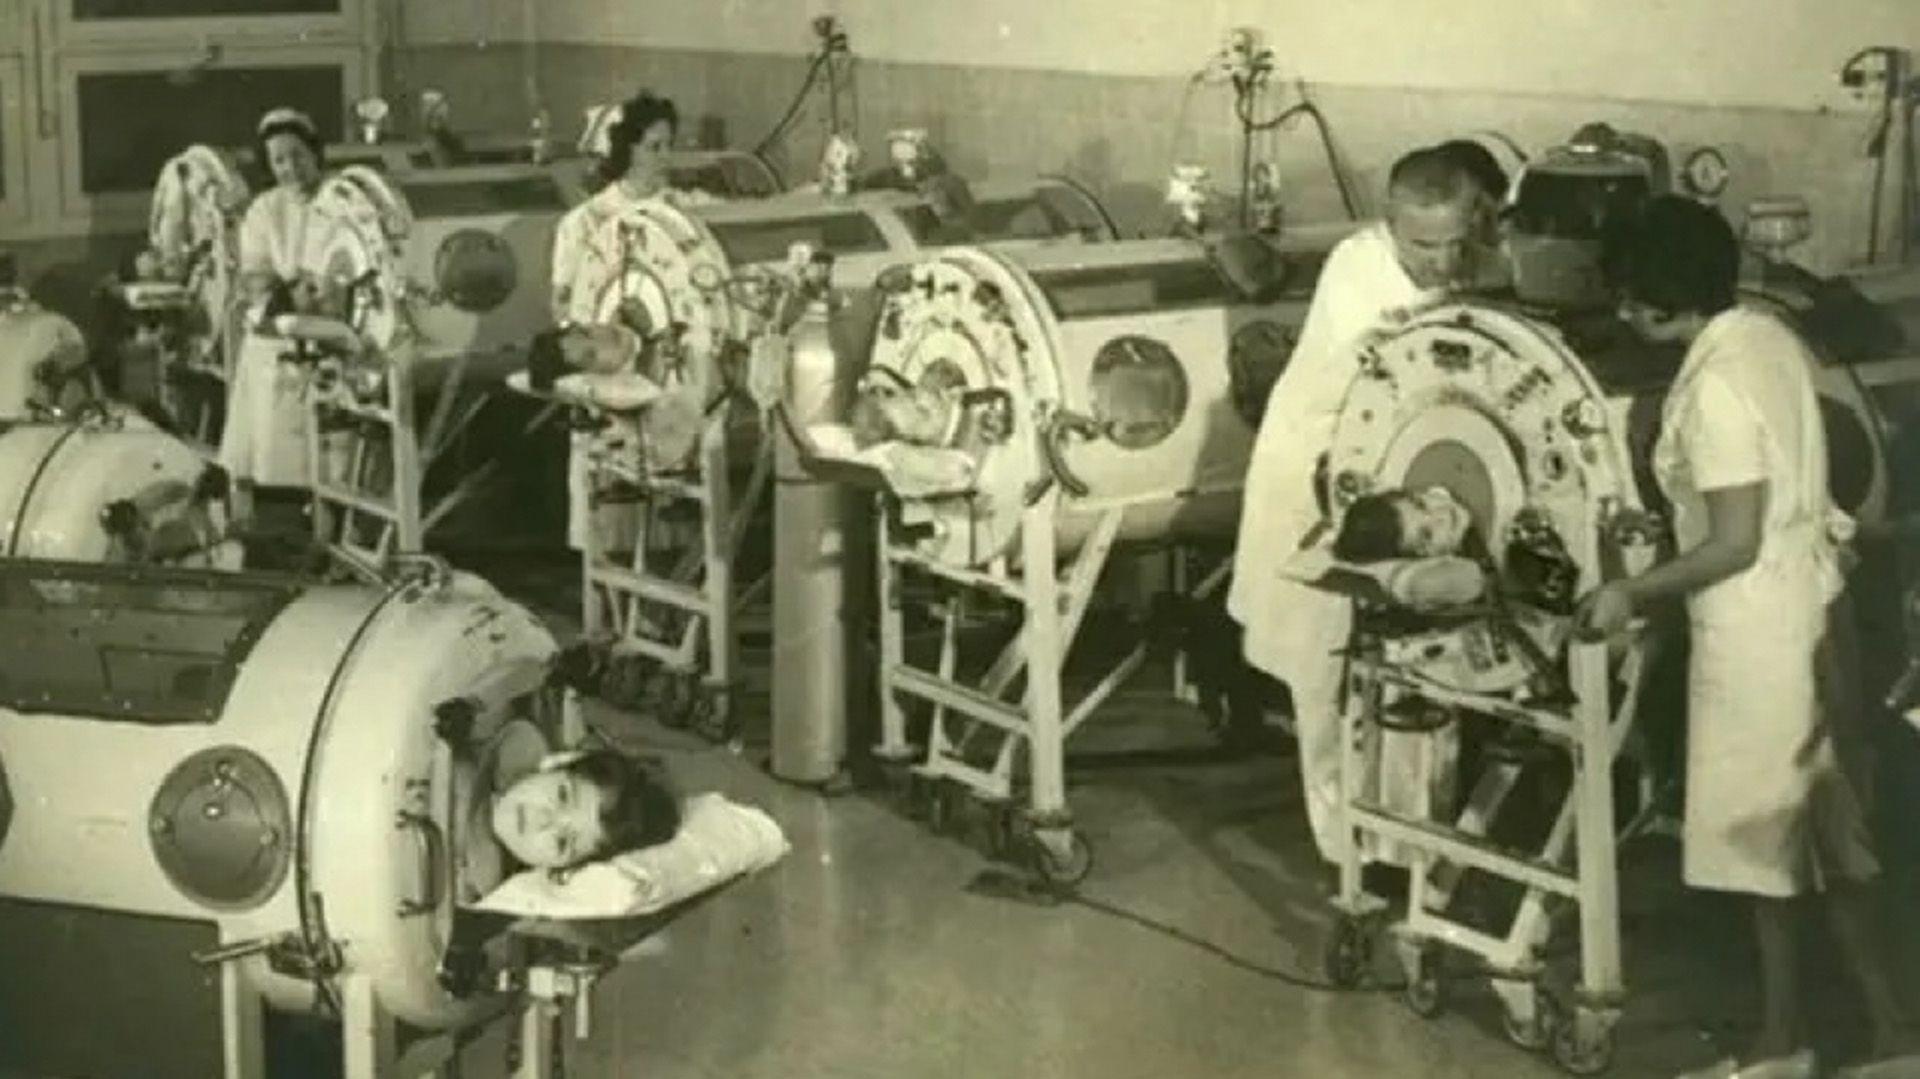 Epidemia Poliomielitis en Argentina 1956